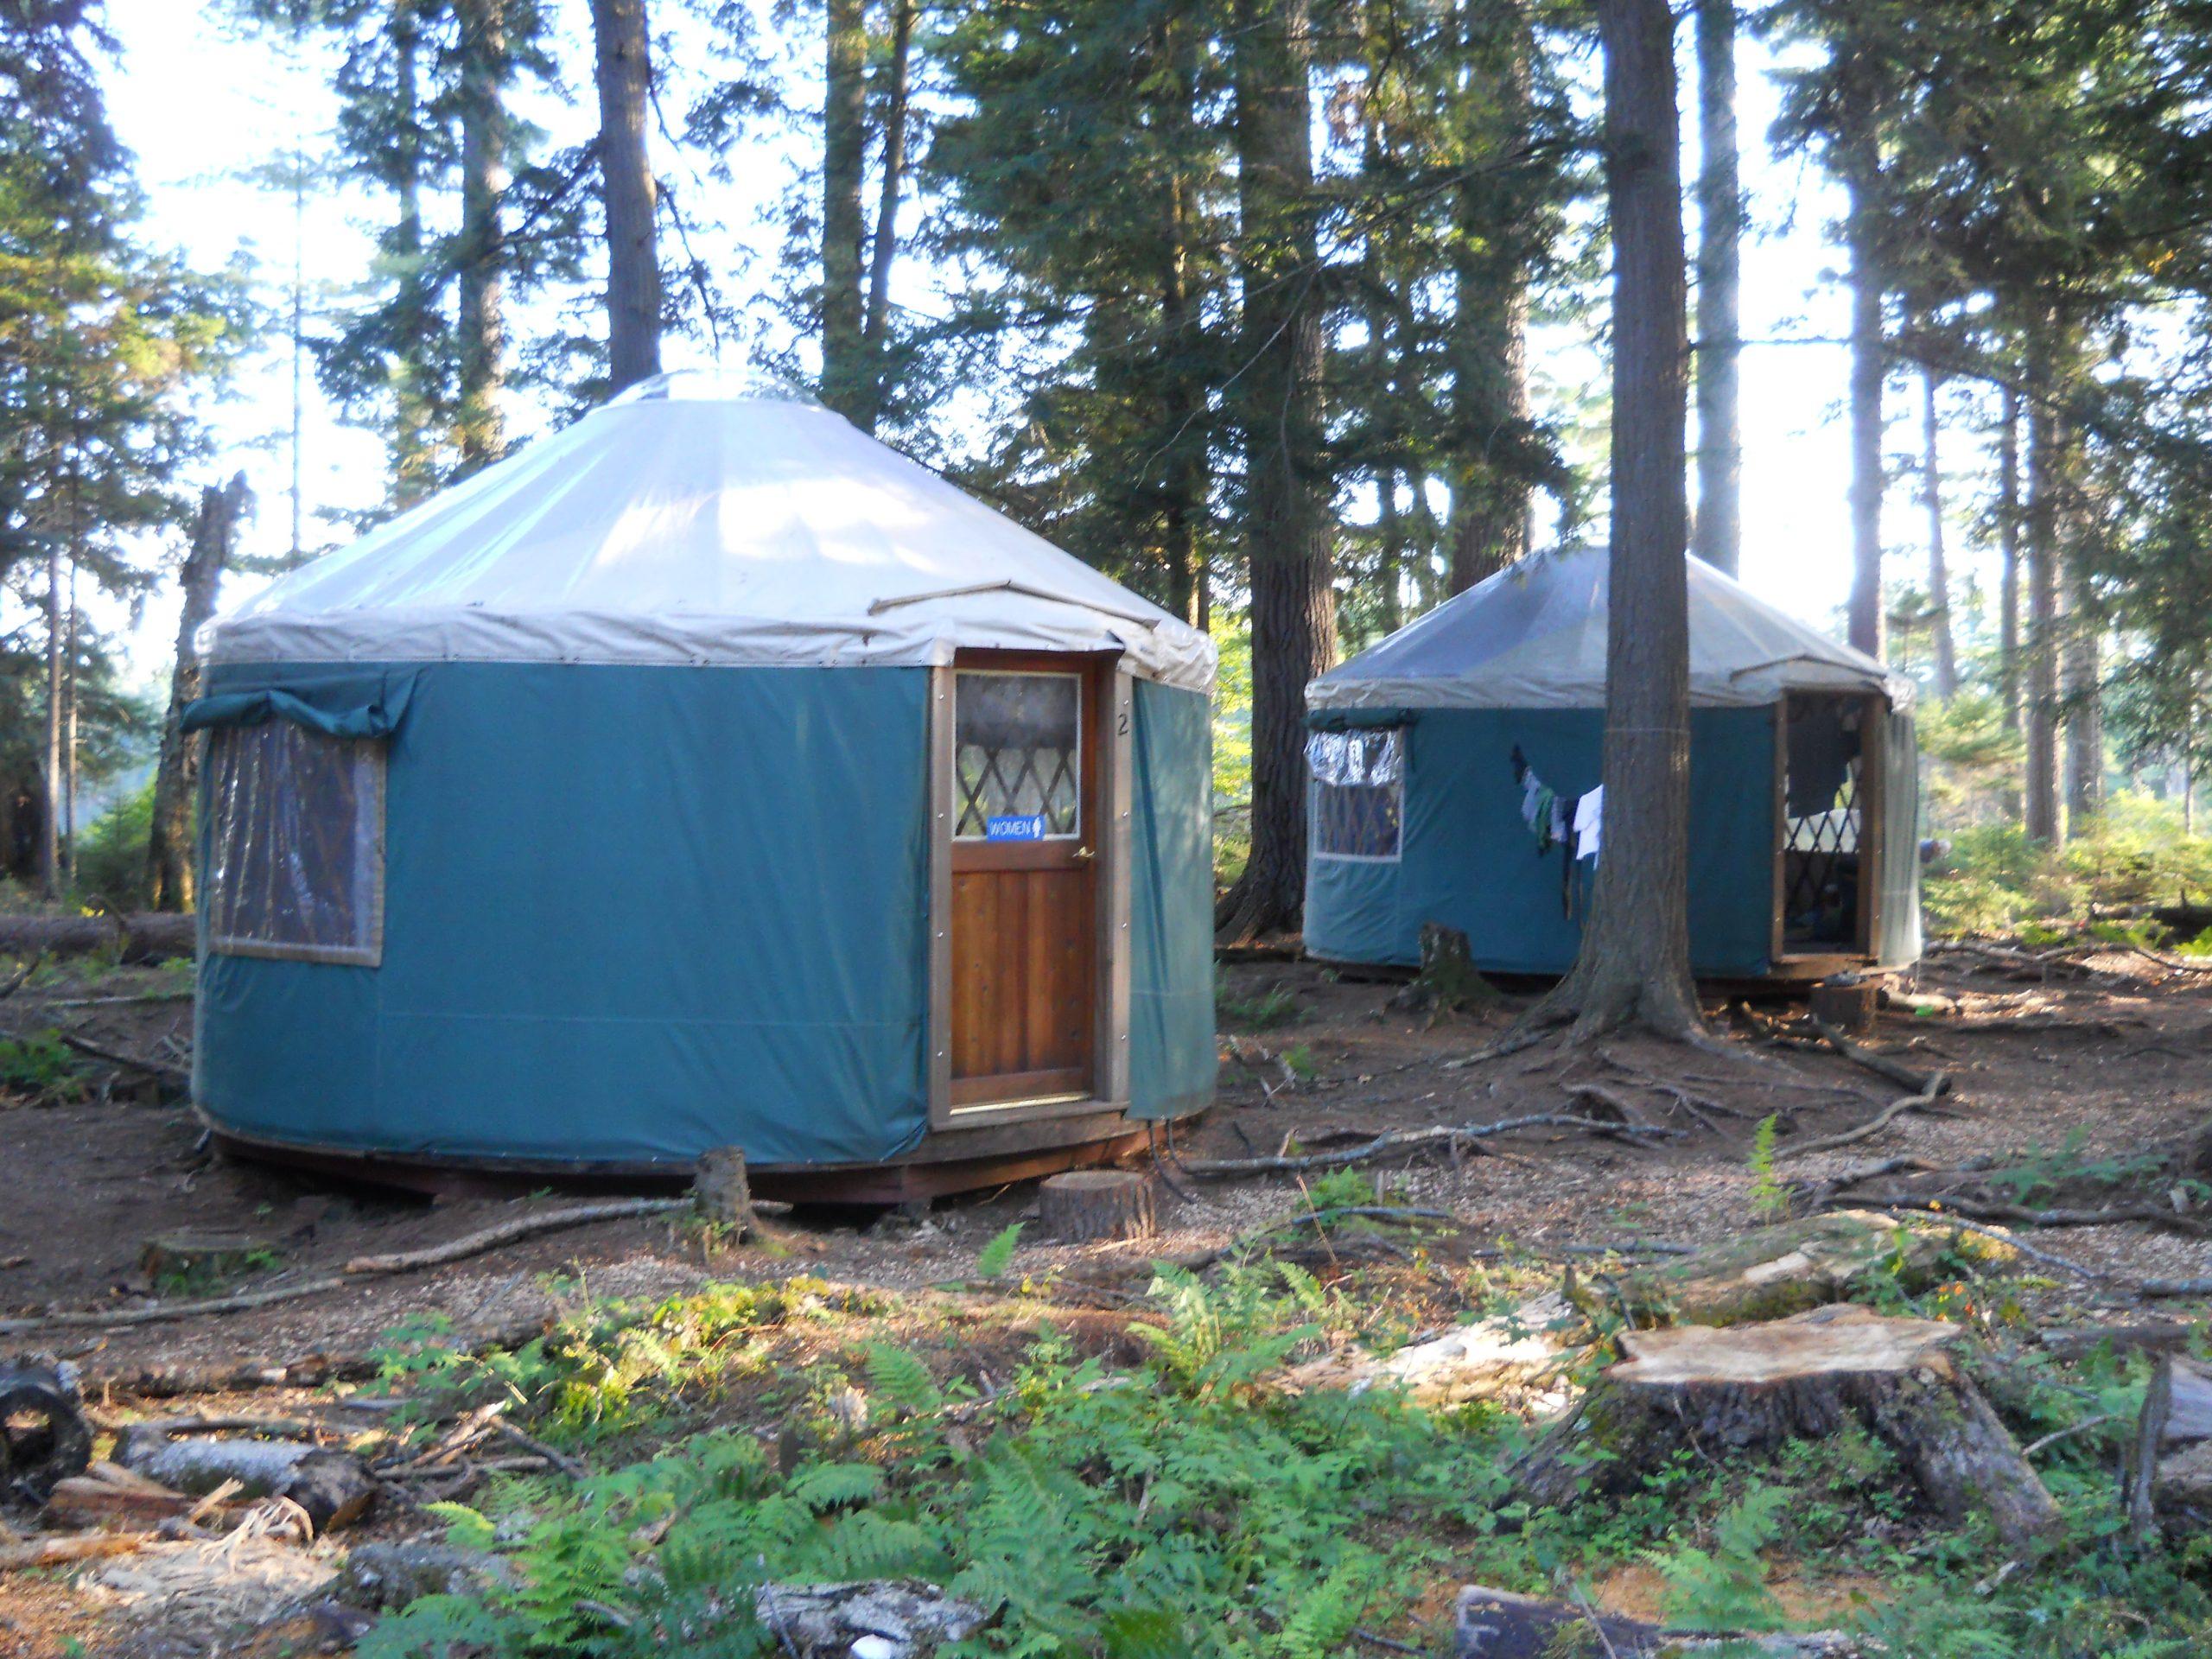 The Yurts at Arcadia